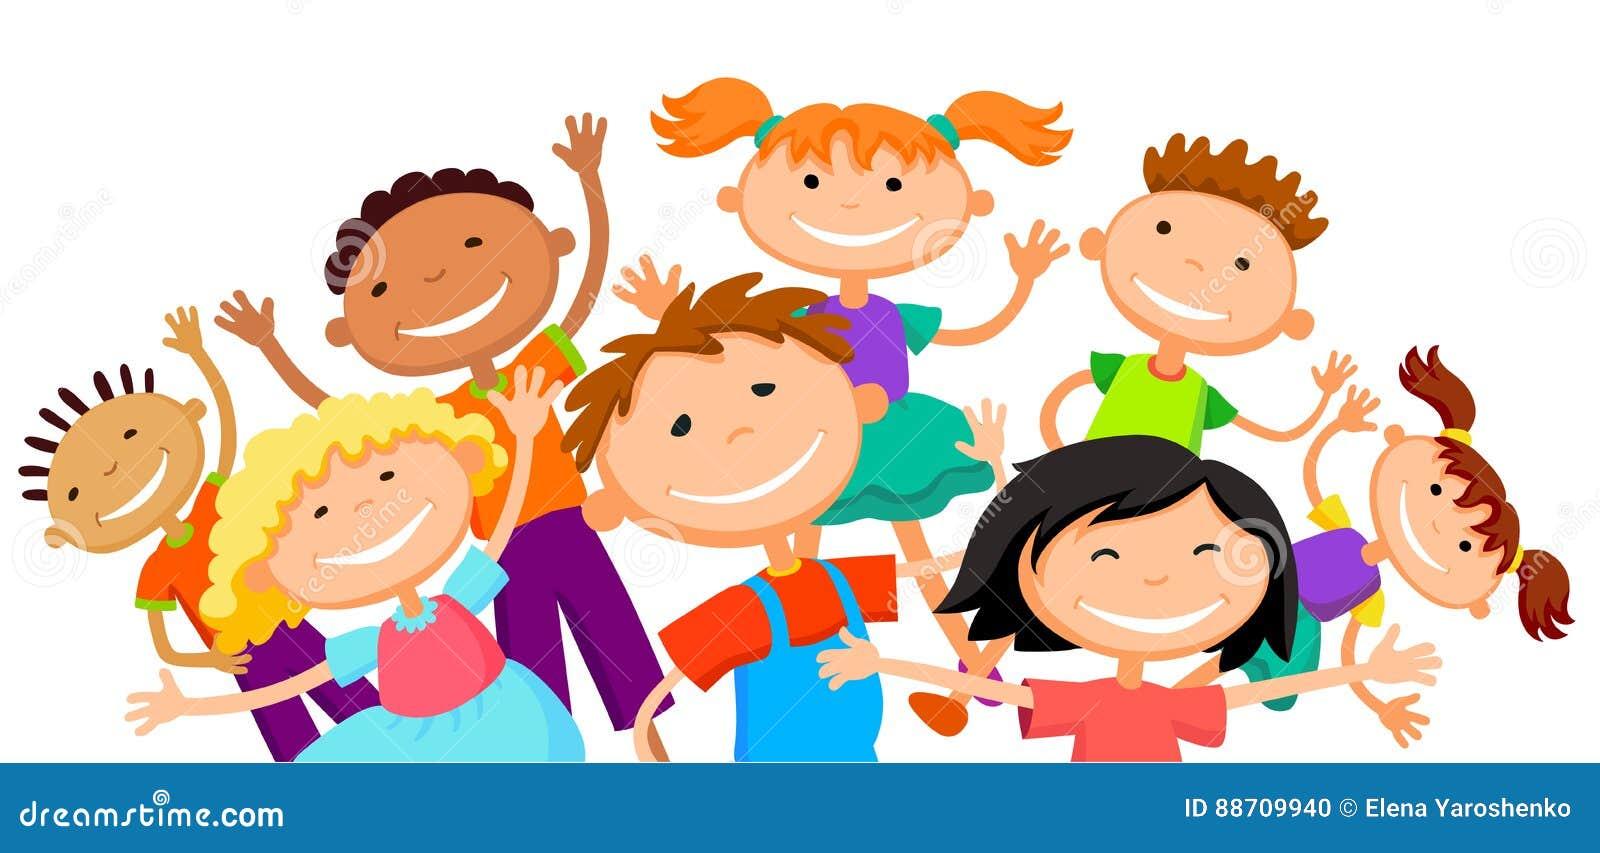 Gruppe Kinderkinder springen lustigen Vektorcharakter froher weißer Hintergrund bunner Karikatur Abbildung